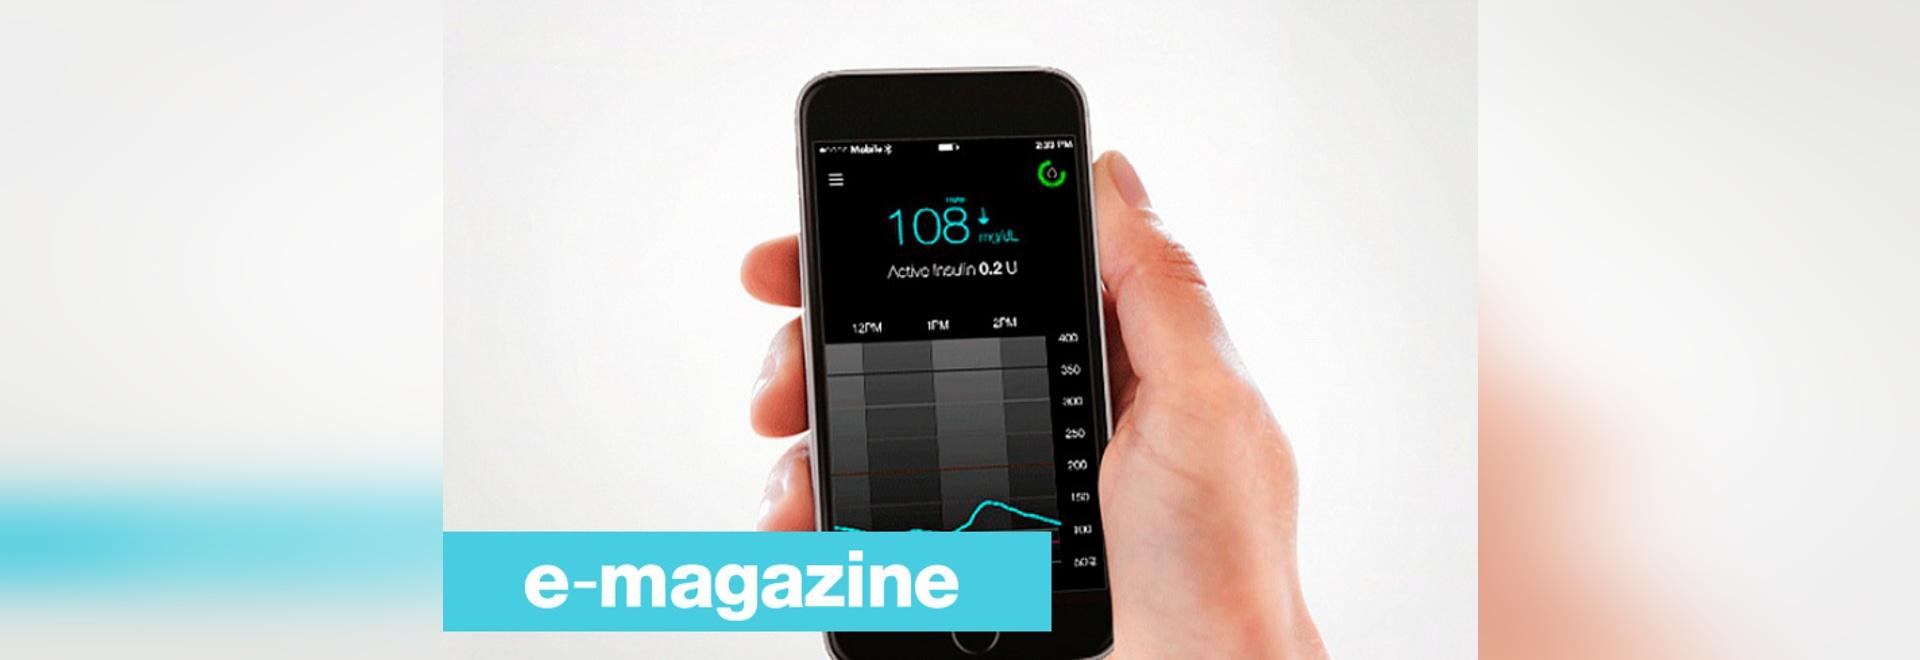 Données patientes de diabète directement visualisables sur un smartphone